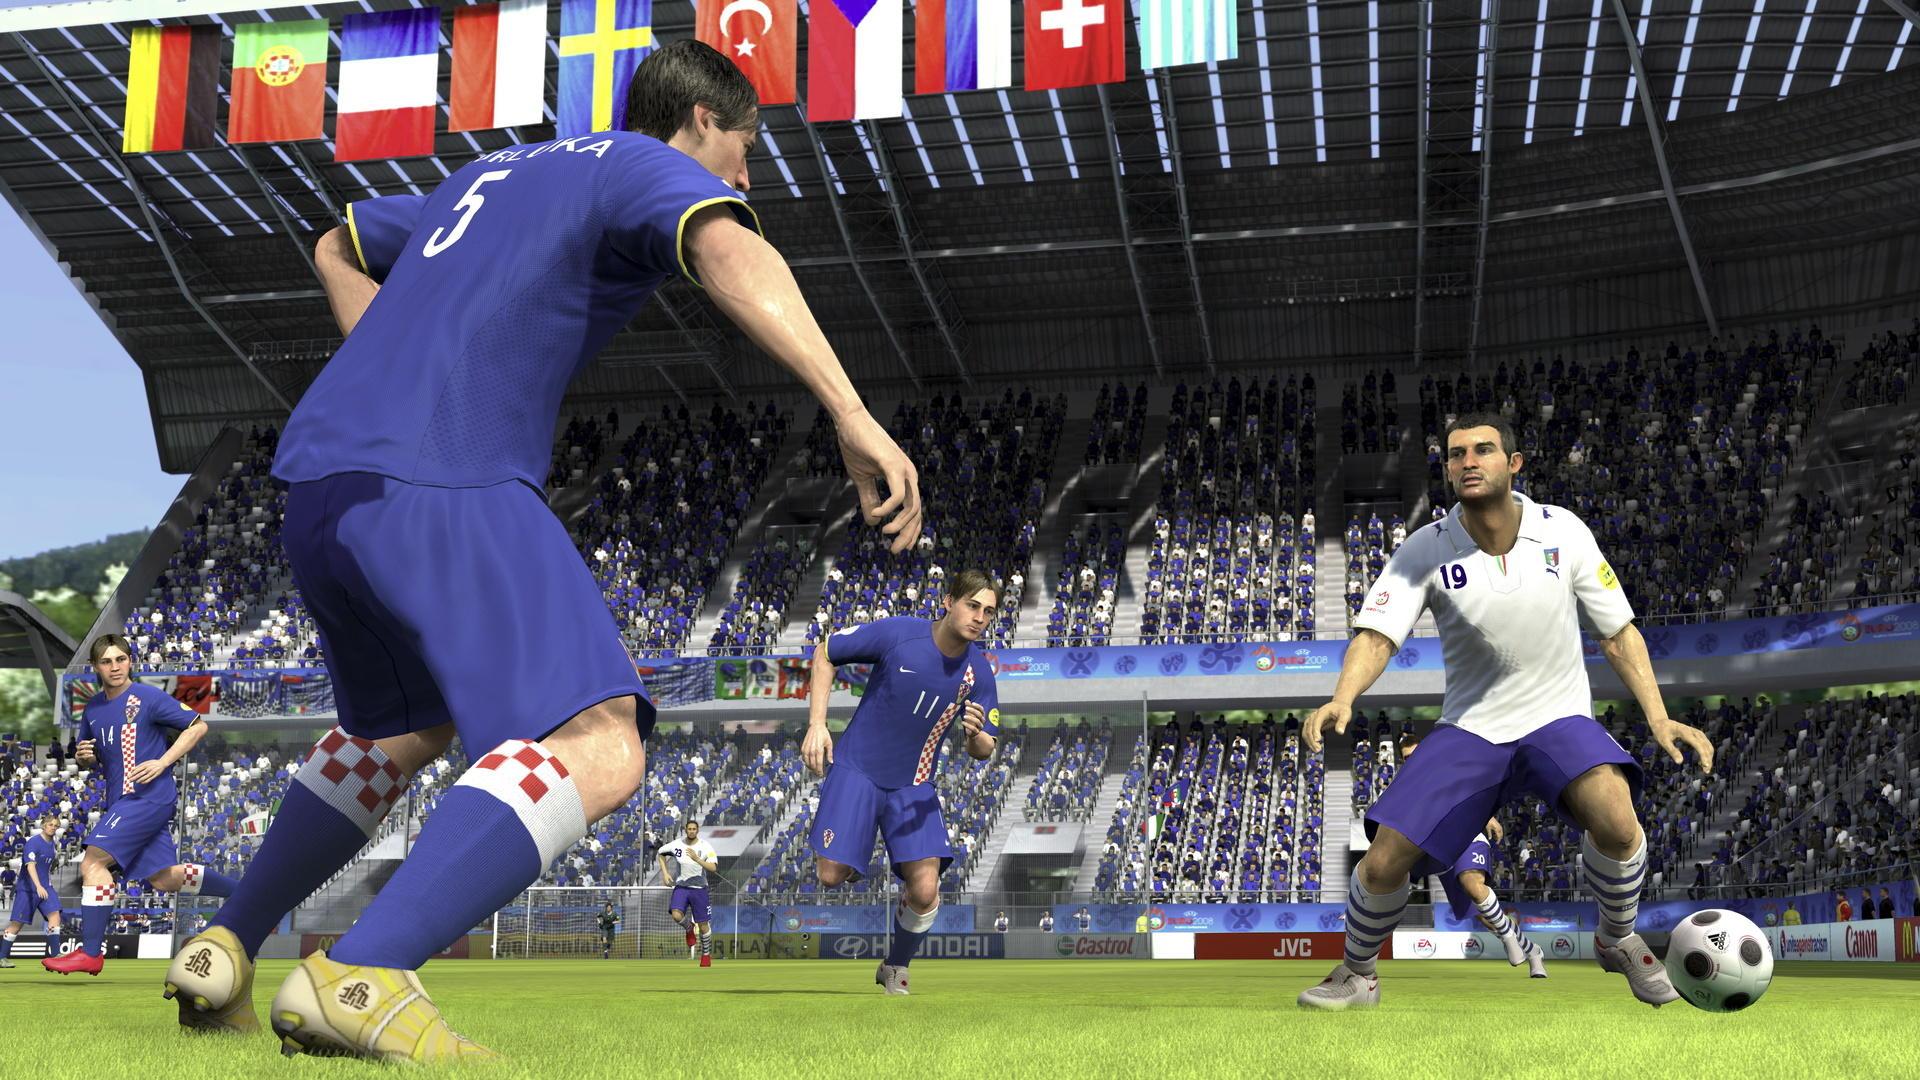 UEFA EURO 2008 (2008) (Xbox 360, PS3, PC, PS2, PSP e plataformas móveis) | Capa: logo da Euro 2008 | Narração e comentários: Clive Tyldesley e Andy Townsend